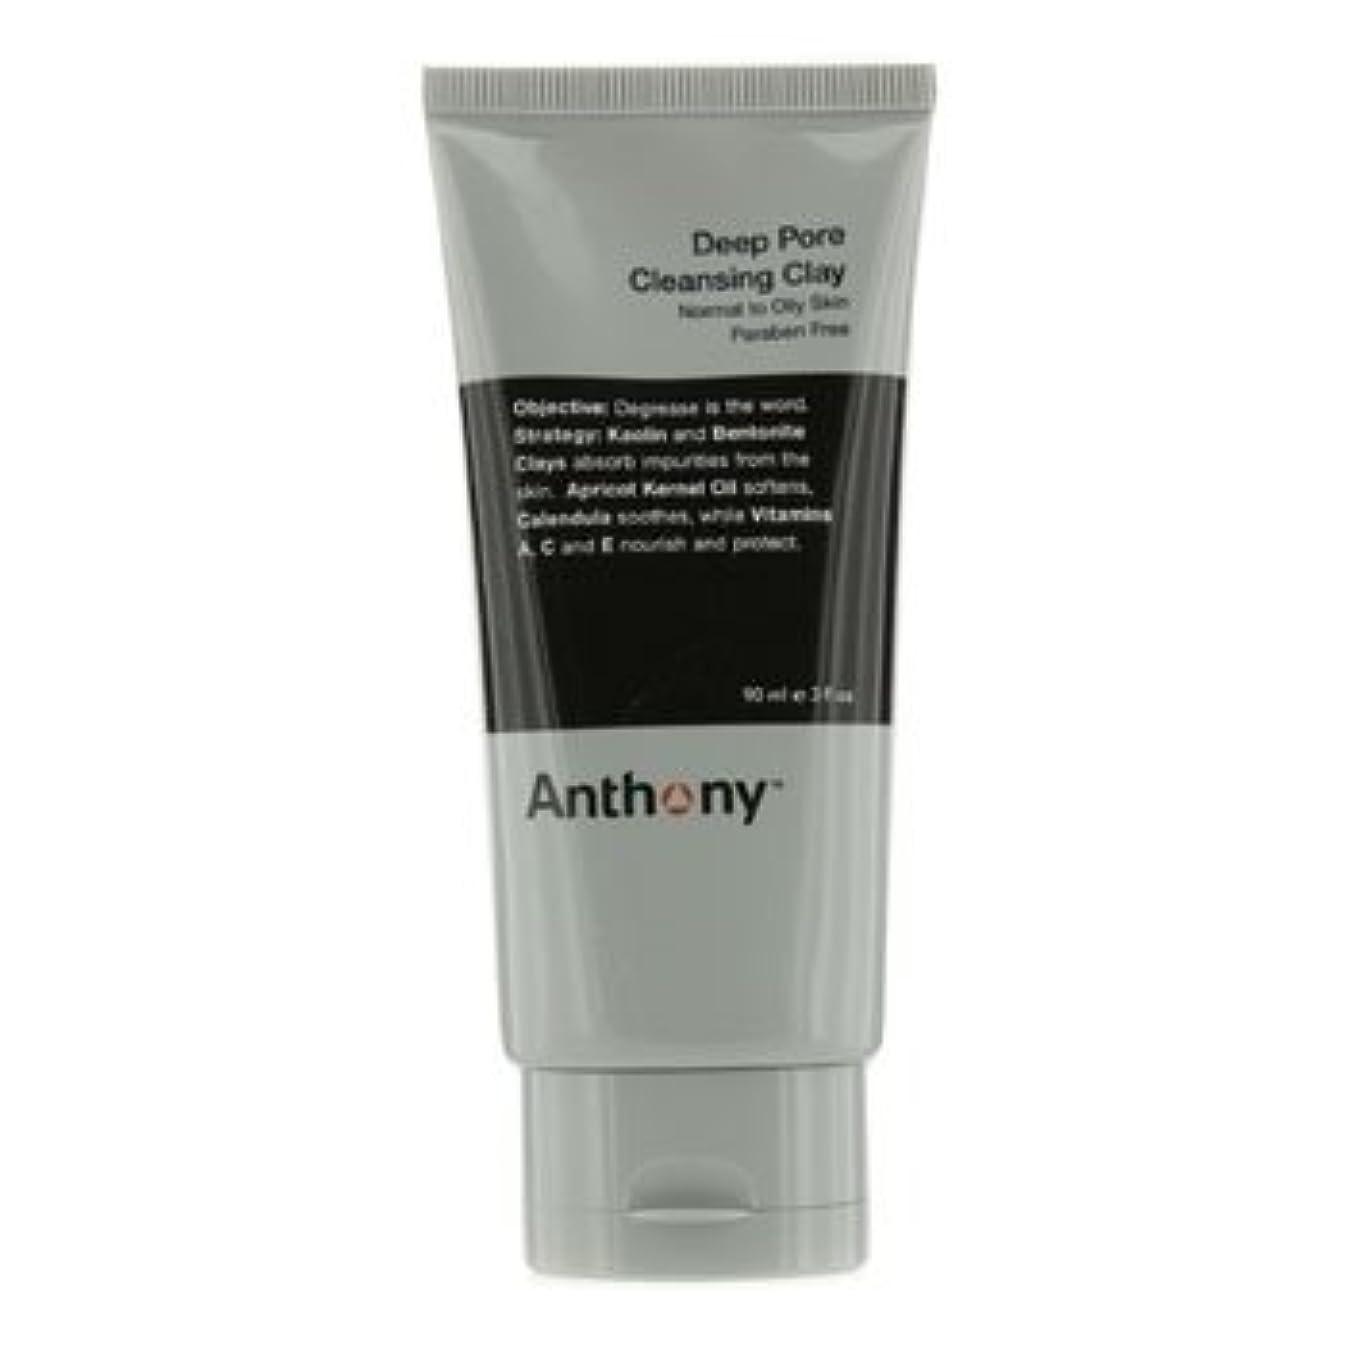 センサー沼地信仰アンソニー Logistics For Men Deep Pore クレンジング Clay (Normal To Oily Skin) 90g [並行輸入品][海外直送品]